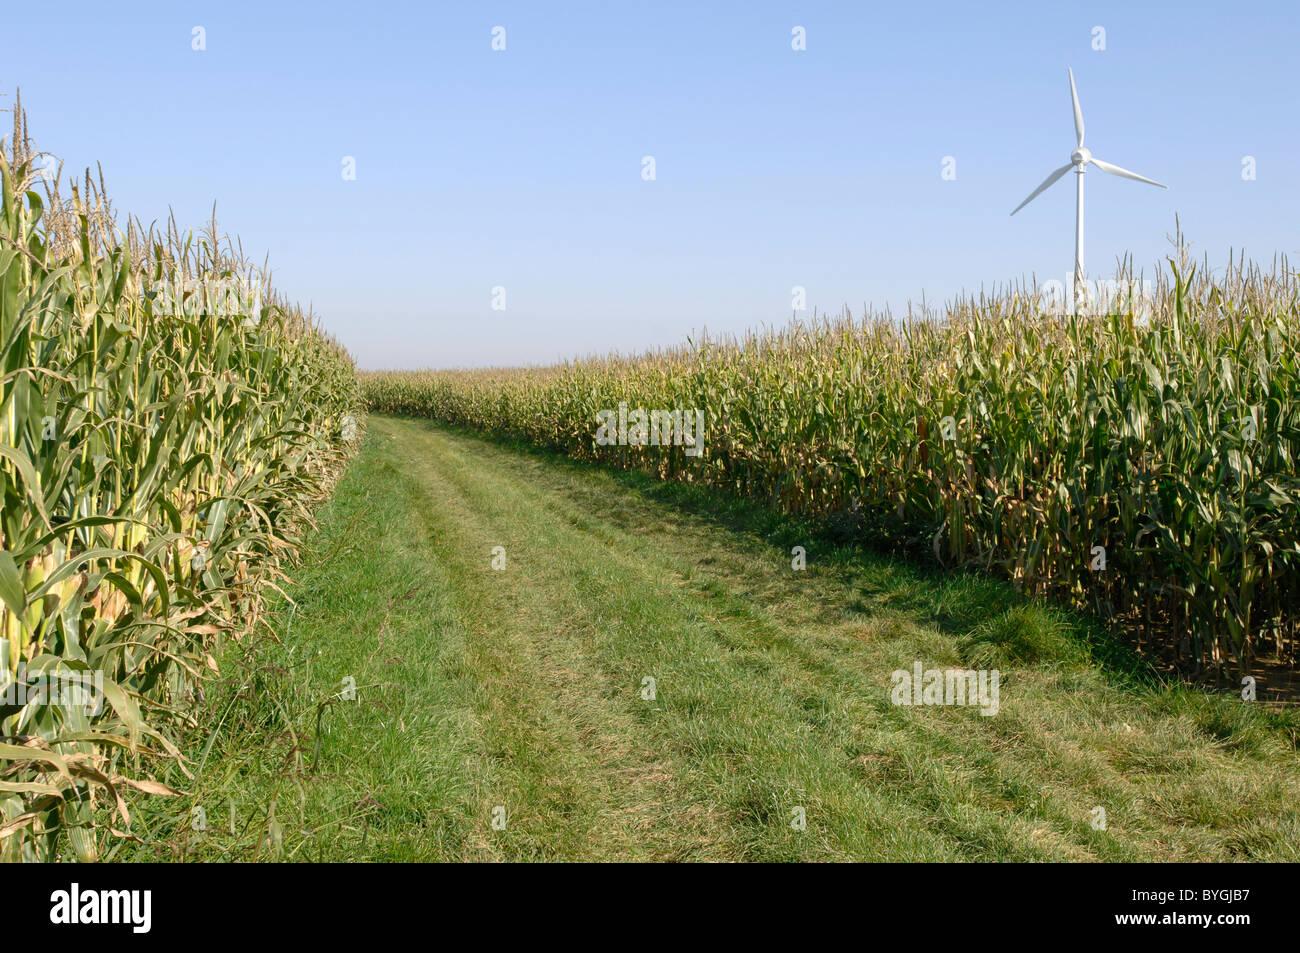 Le maïs, le maïs (Zea mays). Domaine de l'éolienne avec en arrière-plan. Photo Stock